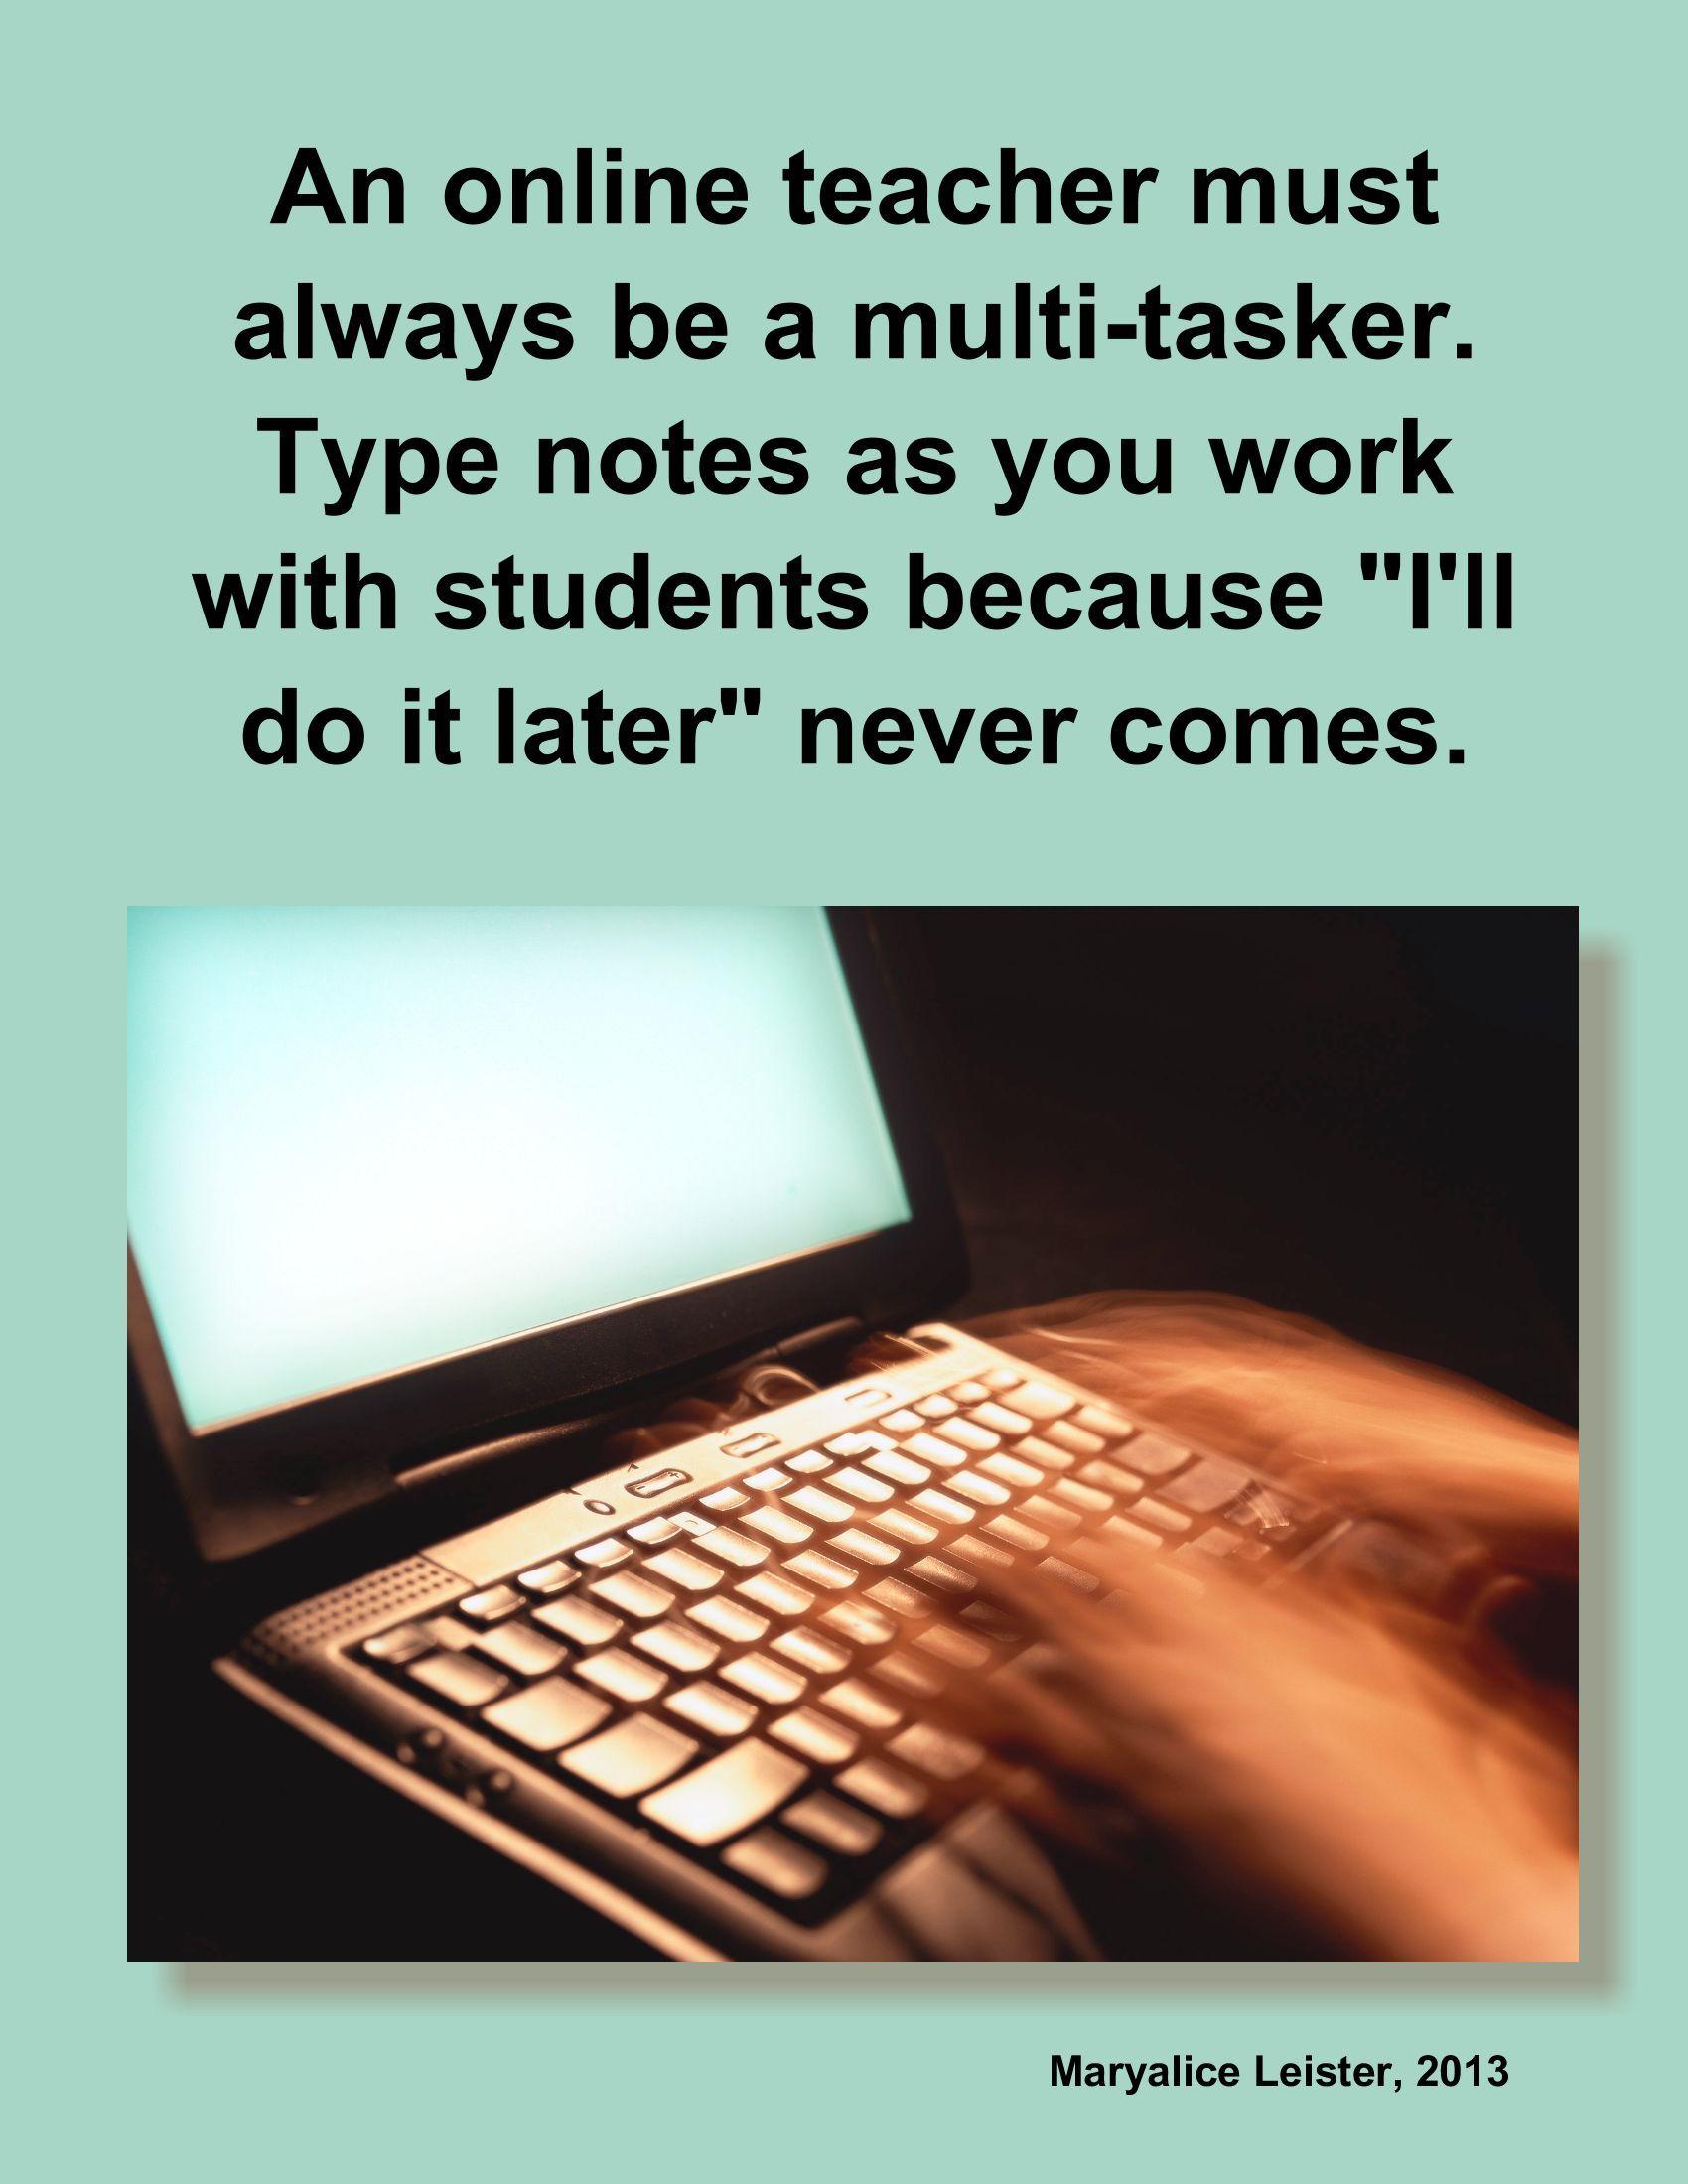 Words of wisdom for K-12 online educator - share! #online ...